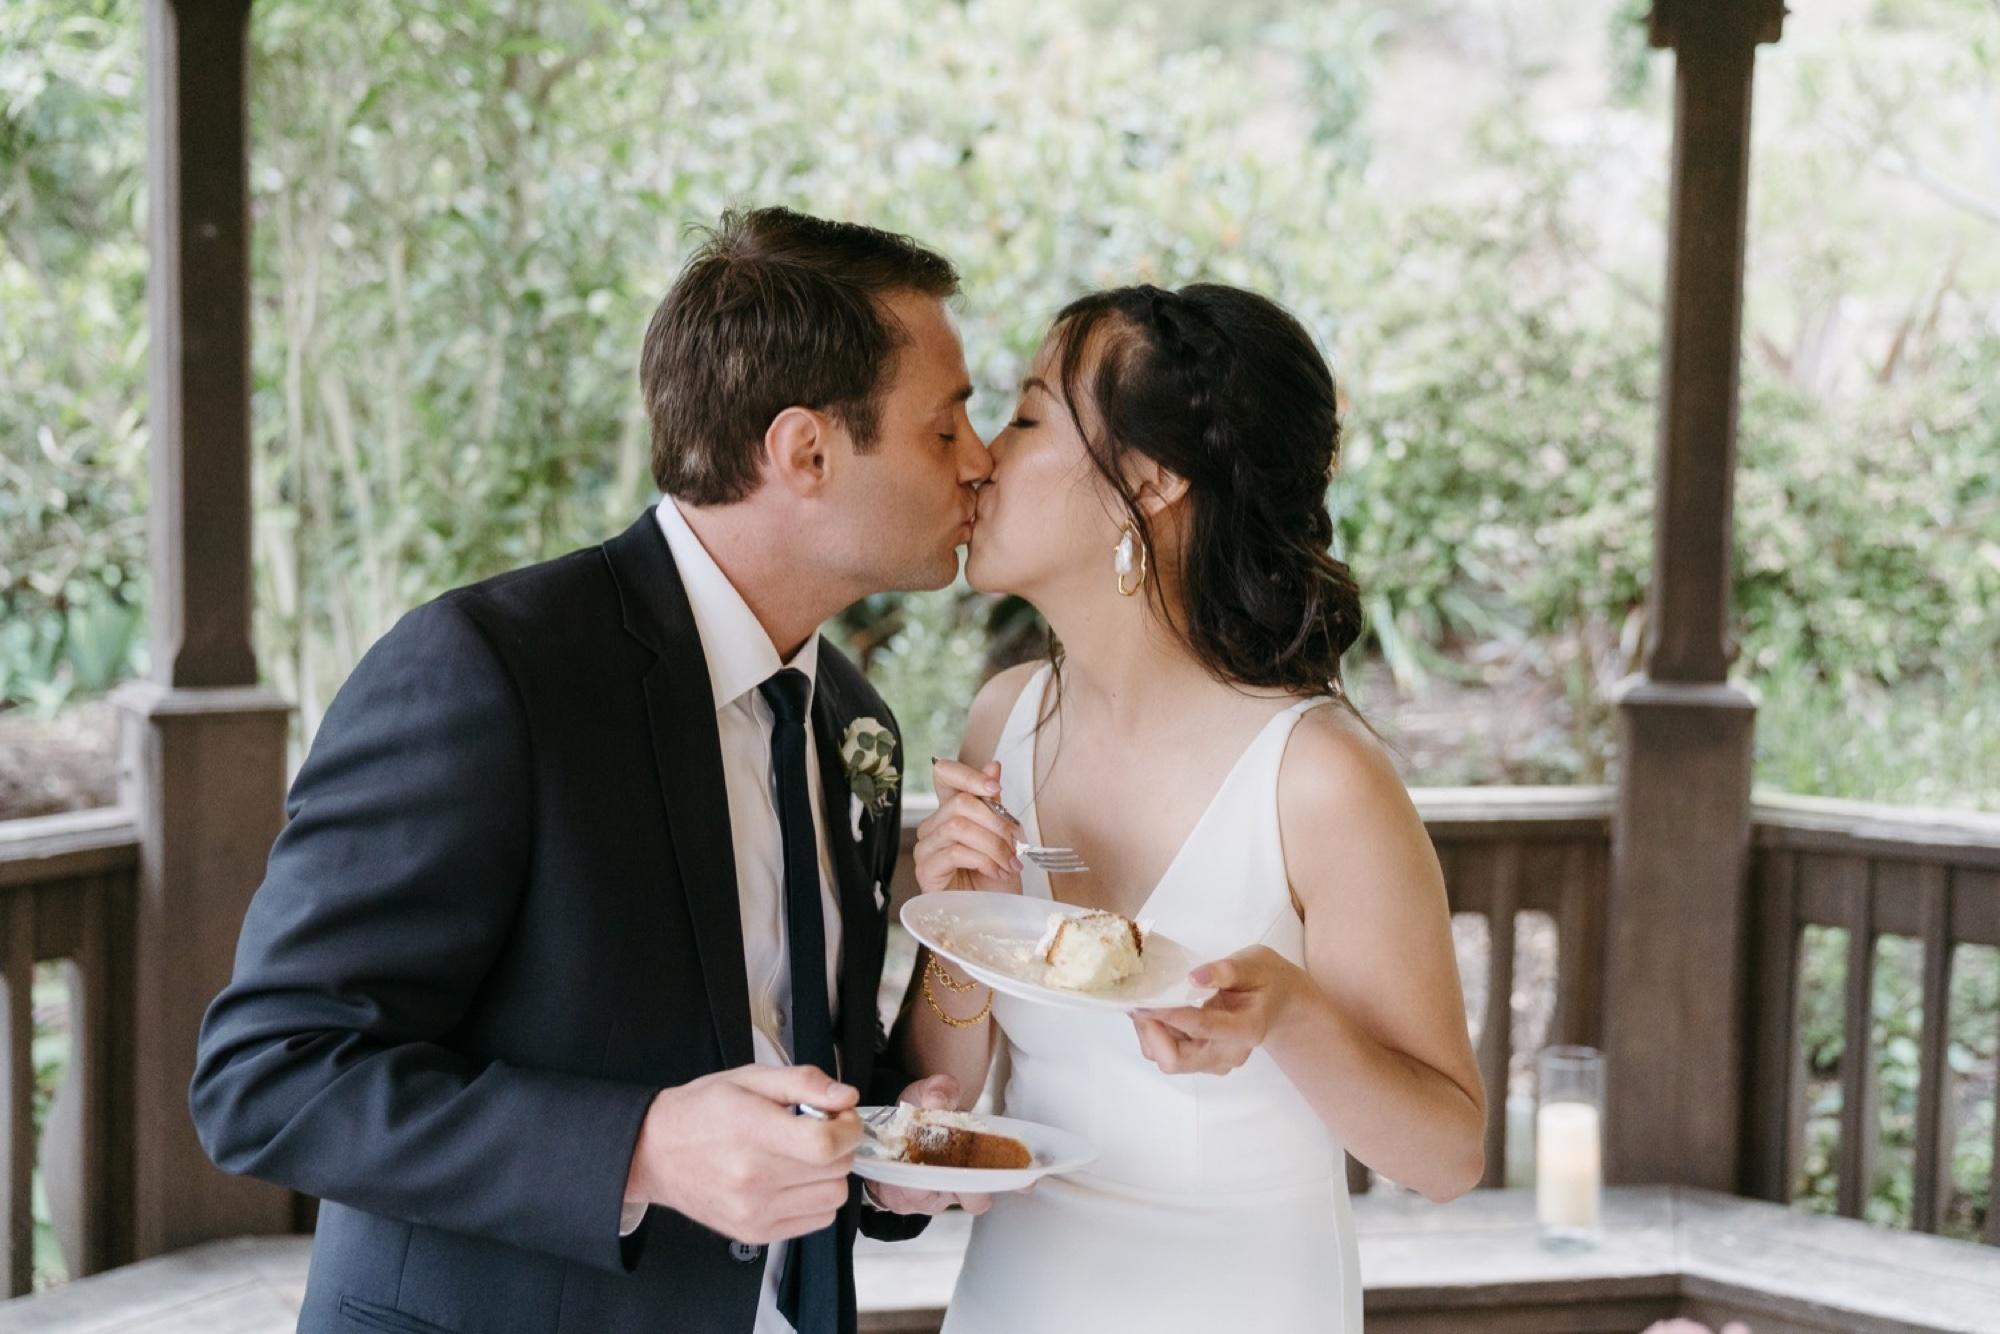 094_Shawna and Steve's Wedding-587.jpg